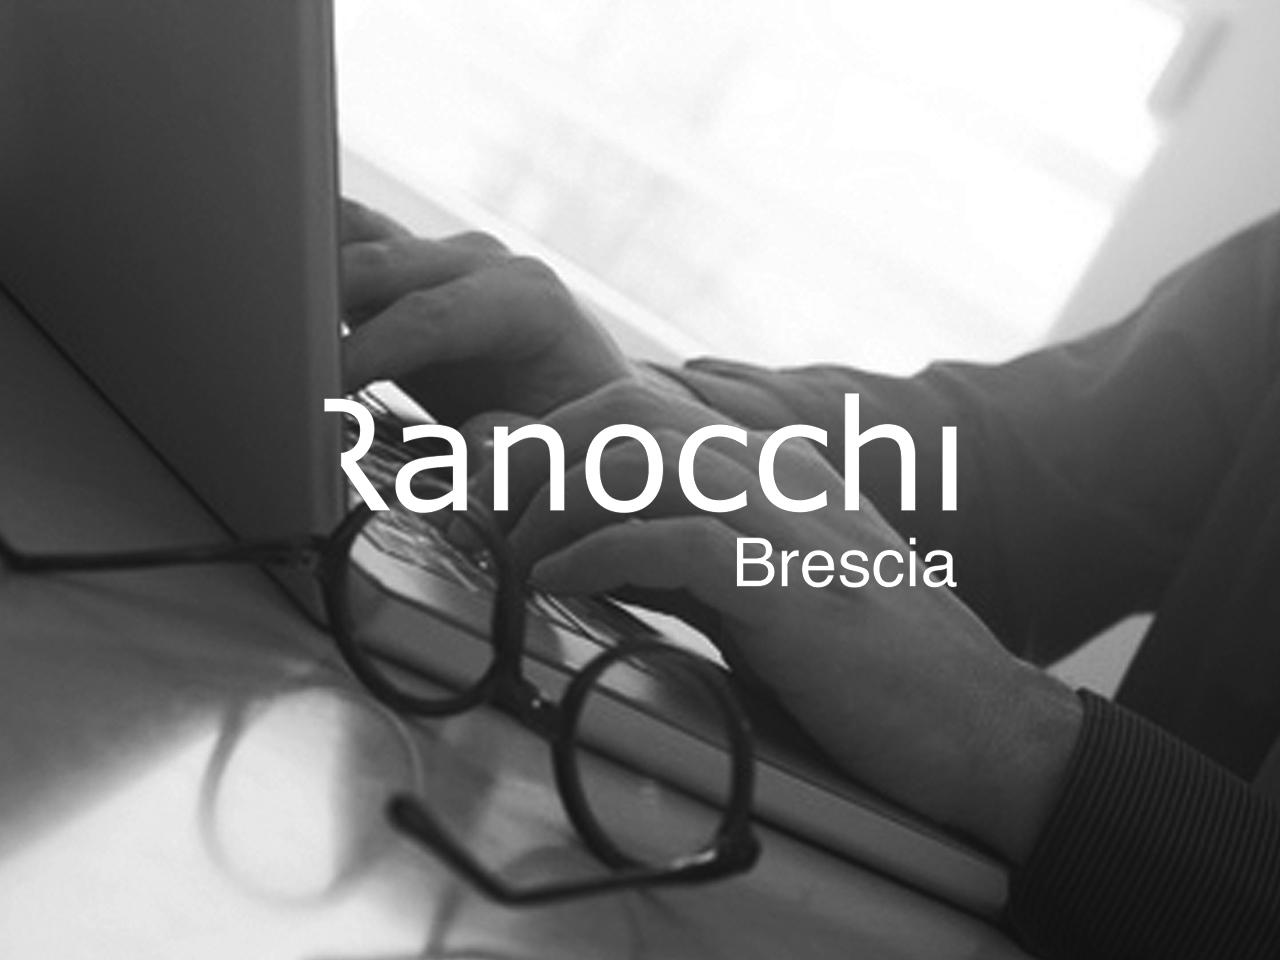 siti-internet-seo-newsletter-social-network-ranocchi-brescia-contessifostinelli-2